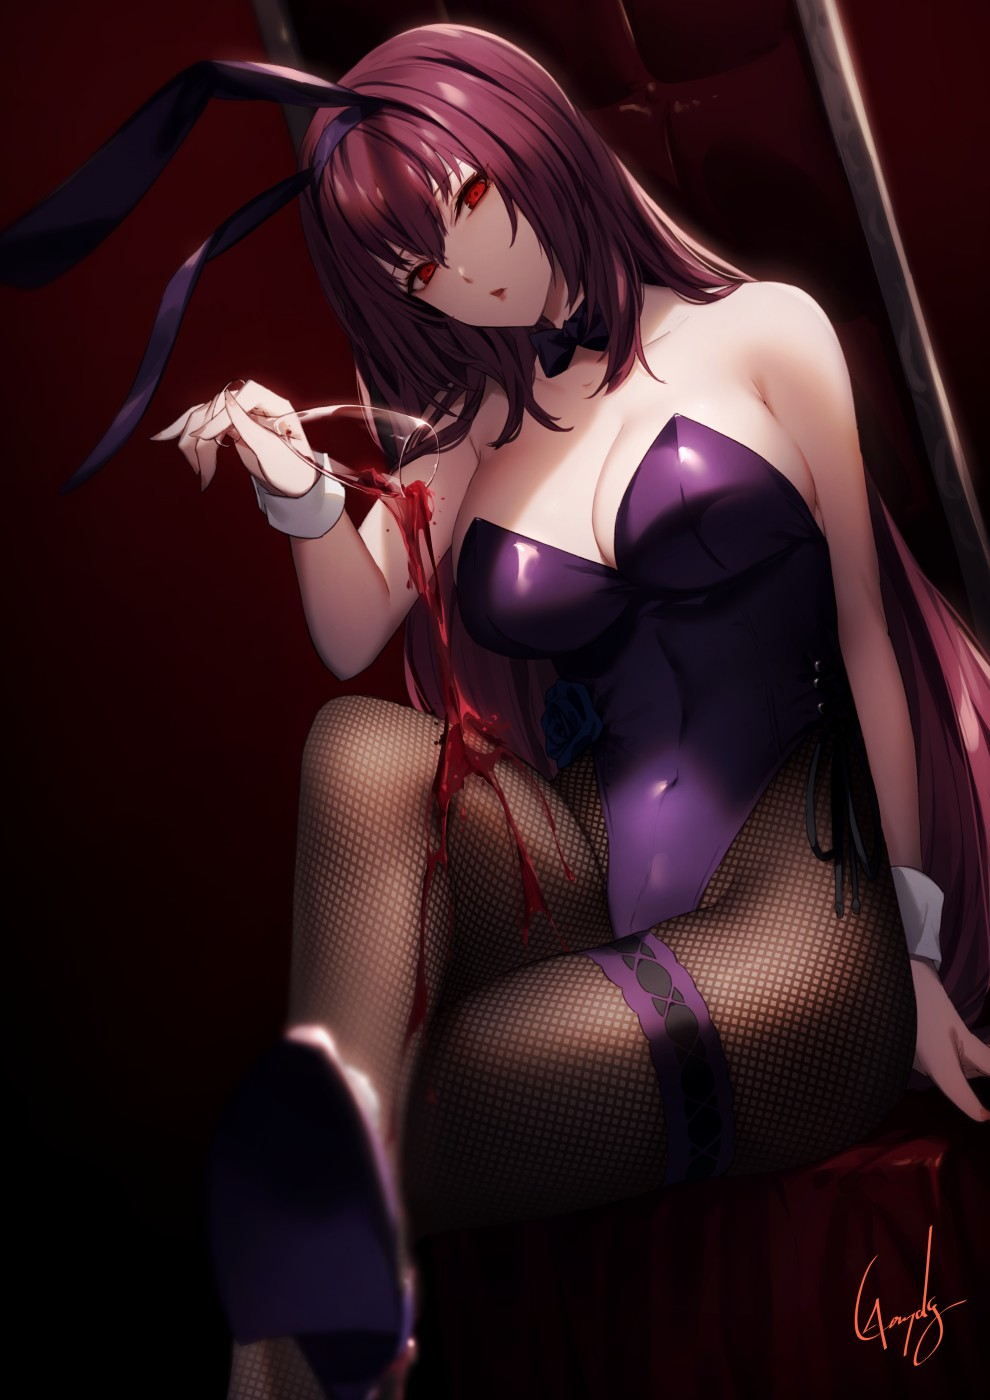 【2次】Fateシリーズのスカサハ師匠の可愛いエロ画像その2